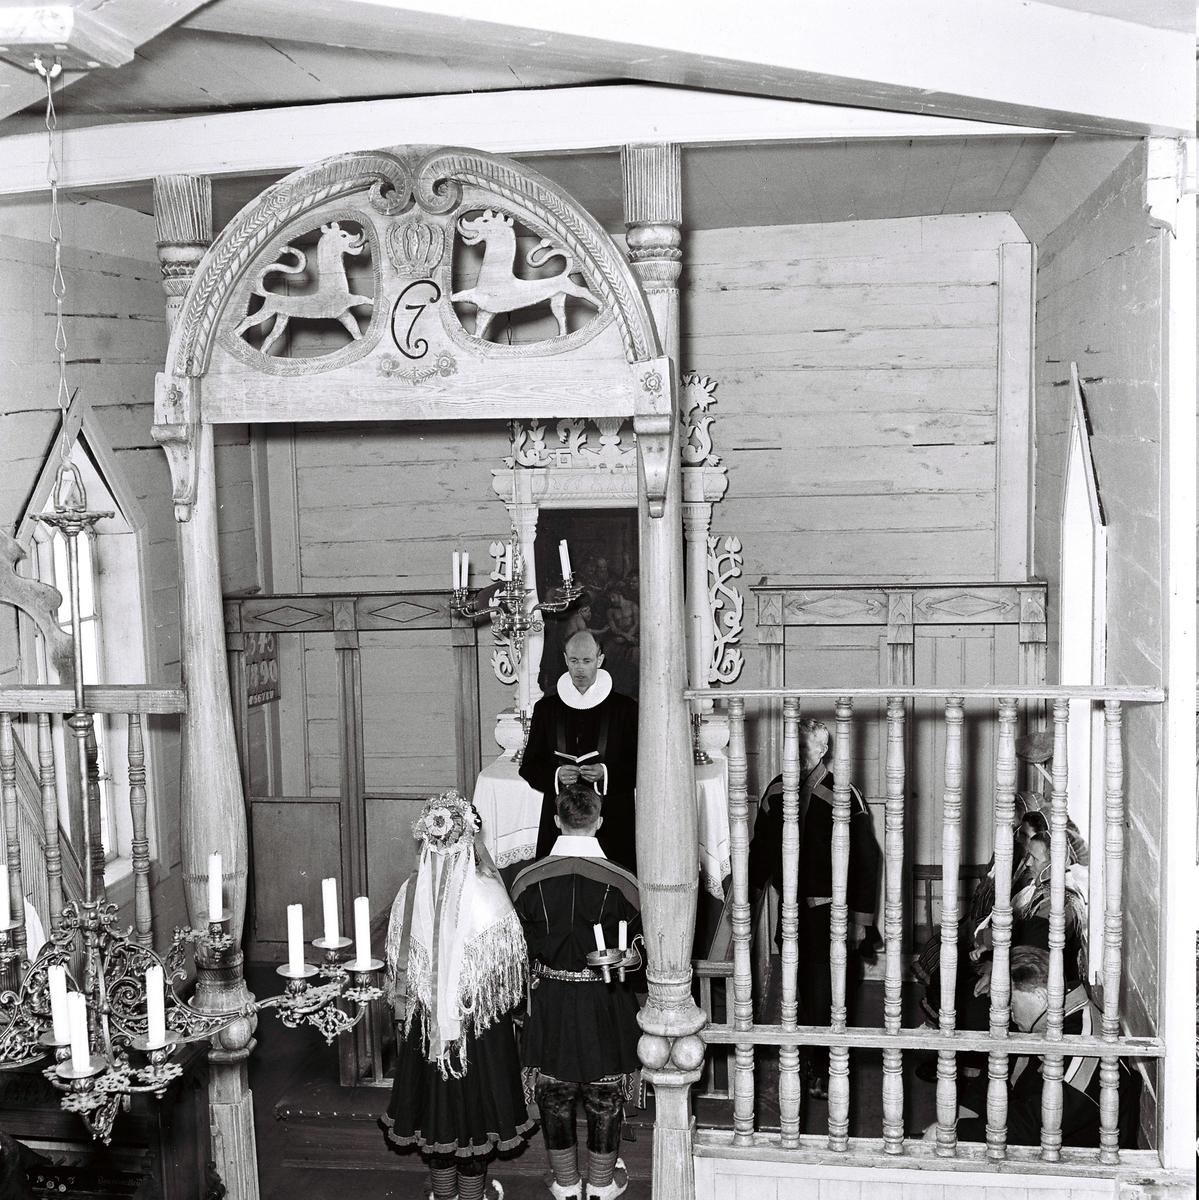 Karasjok kirke, altertavlen og prekestolen. Korskirke i tre fra 1807..Presten vier et samisk brudepar. De har tradisjonelle samiske festdrakter.